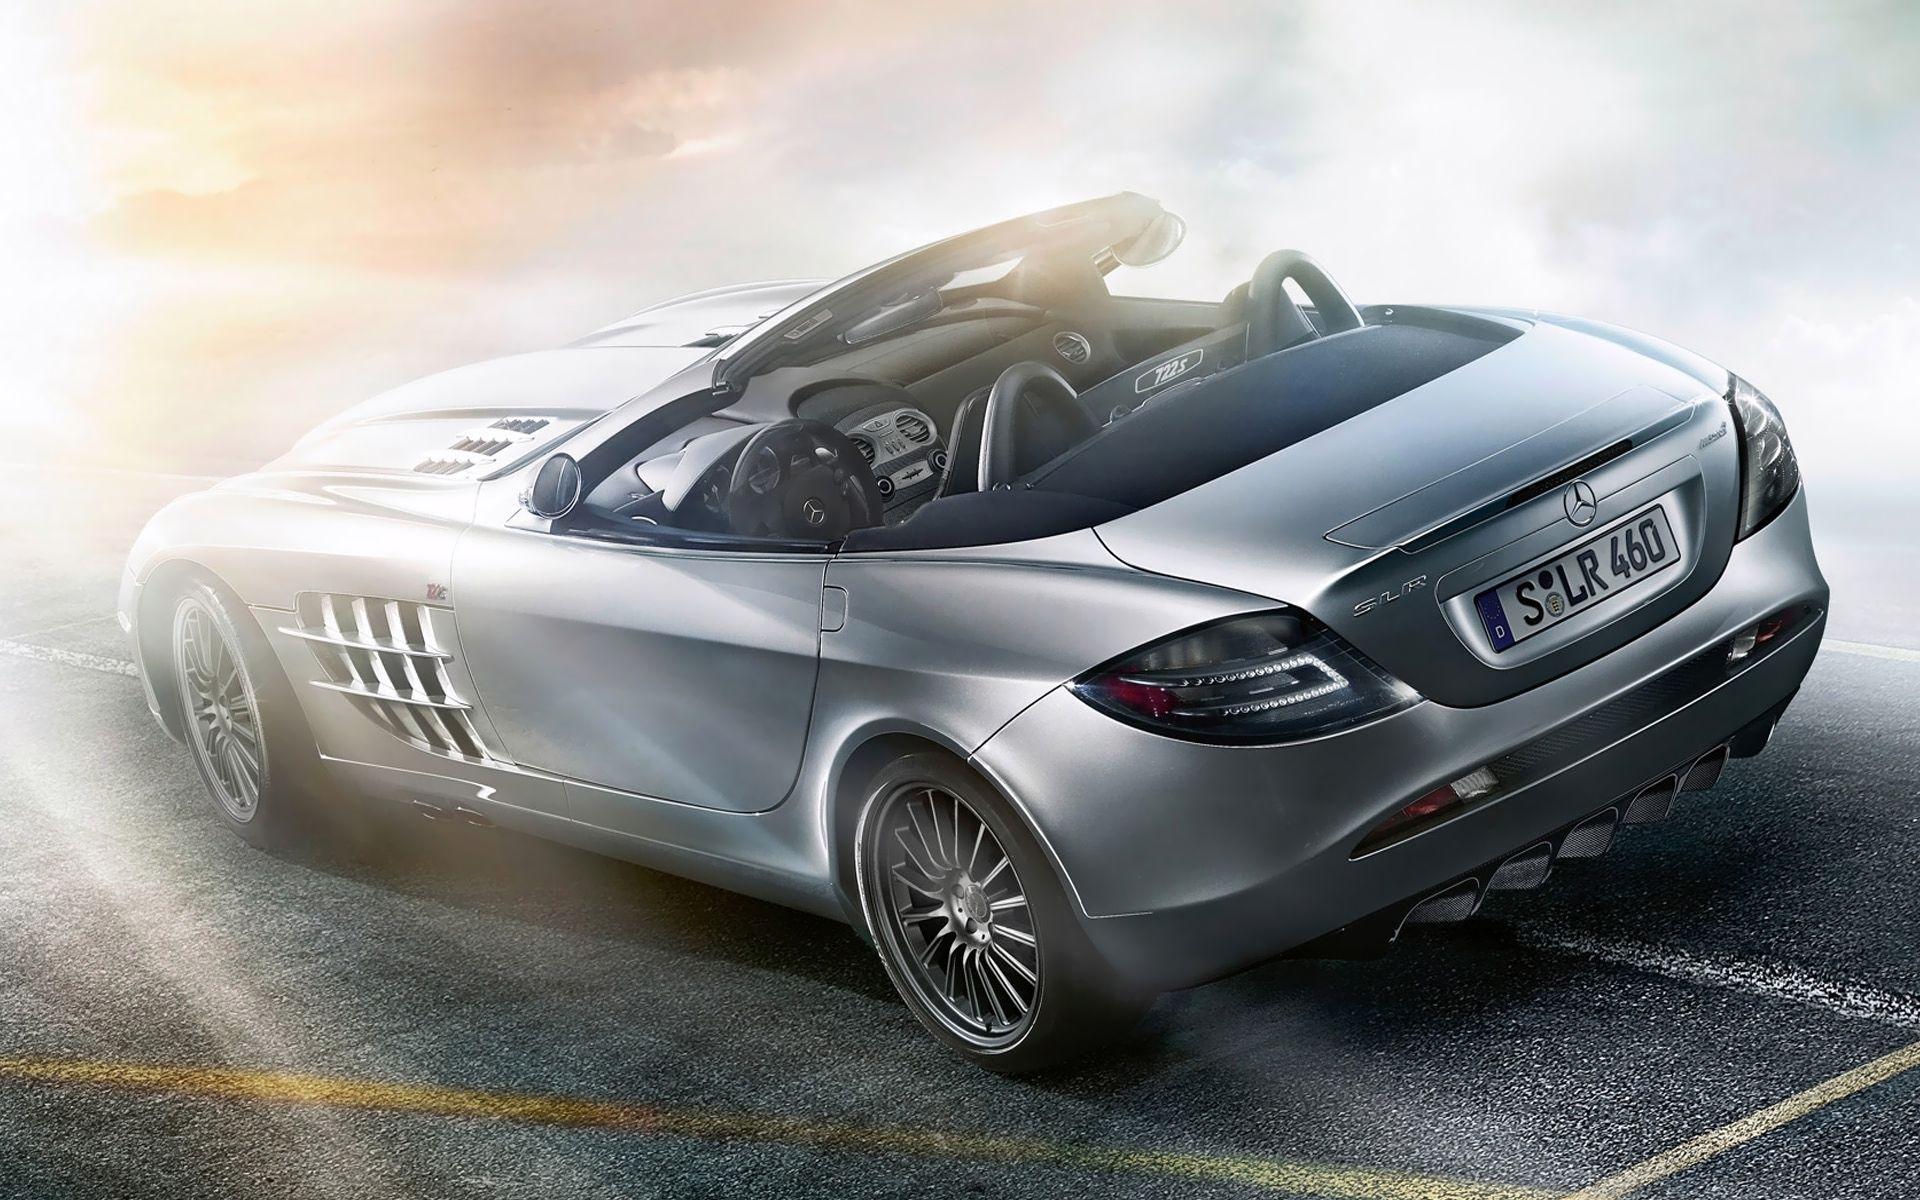 44947 скачать обои Транспорт, Машины, Мерседес (Mercedes) - заставки и картинки бесплатно